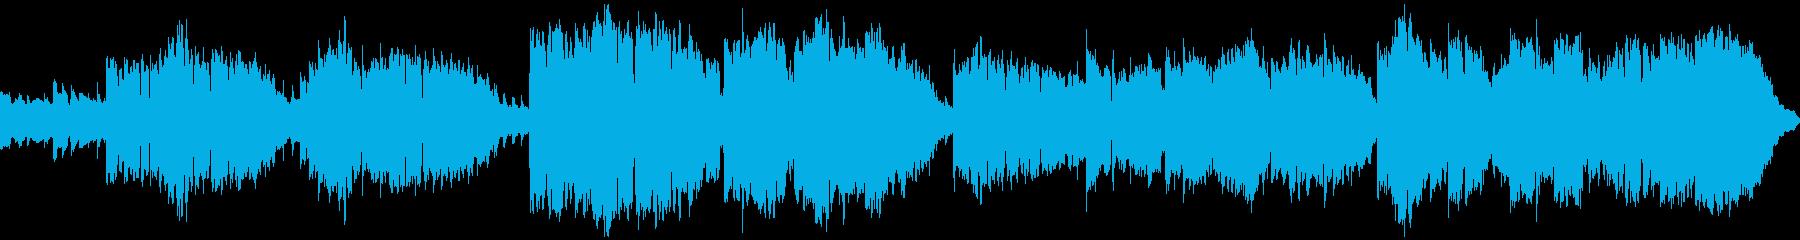 素朴で懐かしいオカリナ曲の再生済みの波形